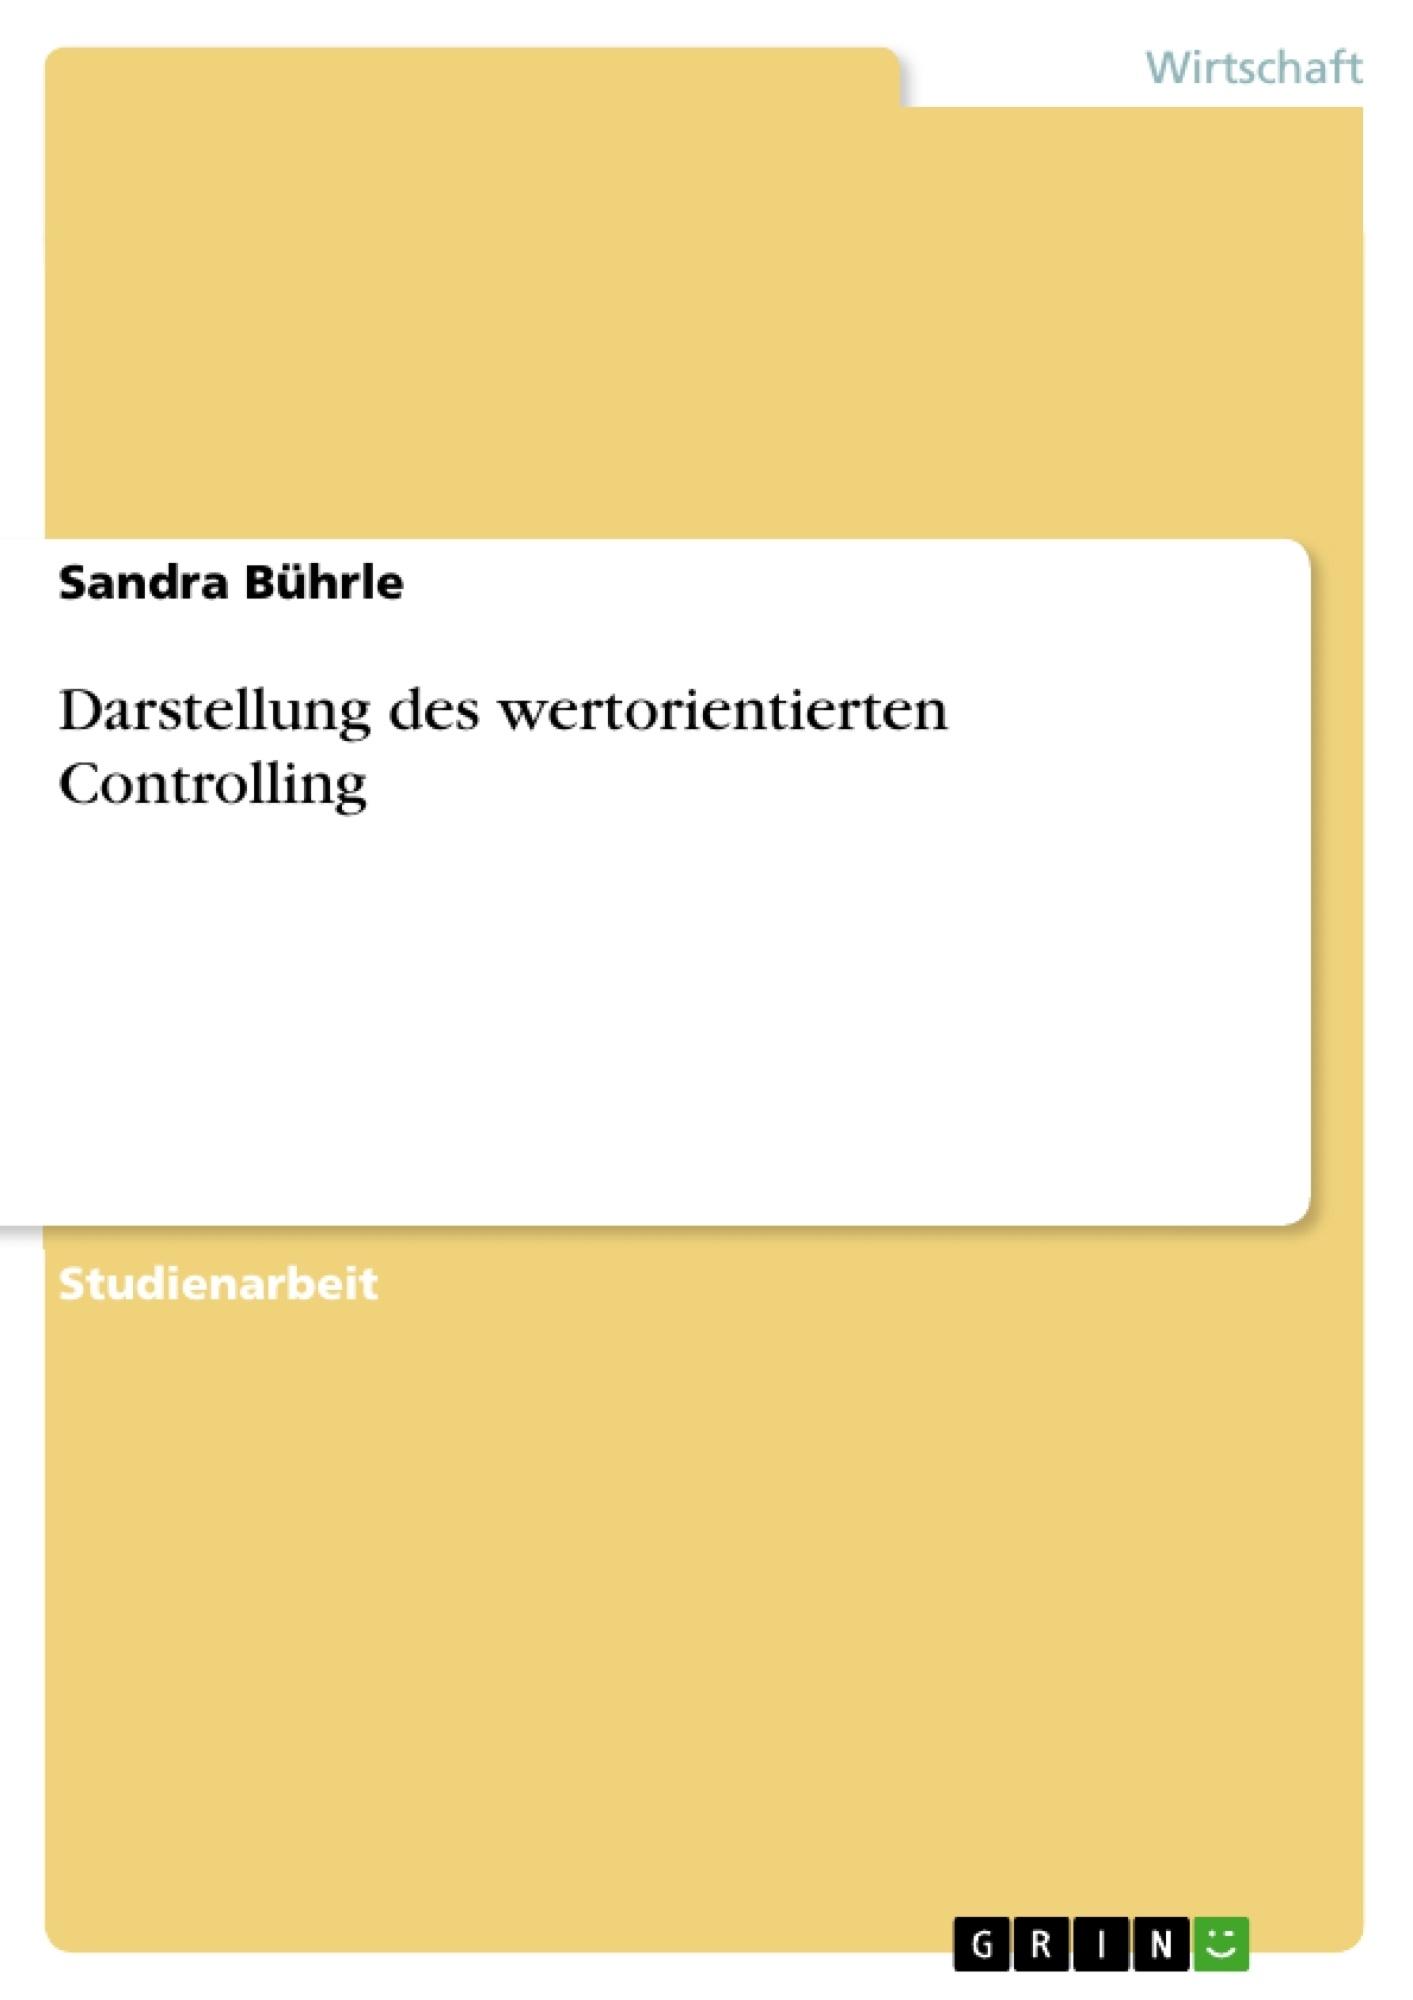 Titel: Darstellung des wertorientierten Controlling